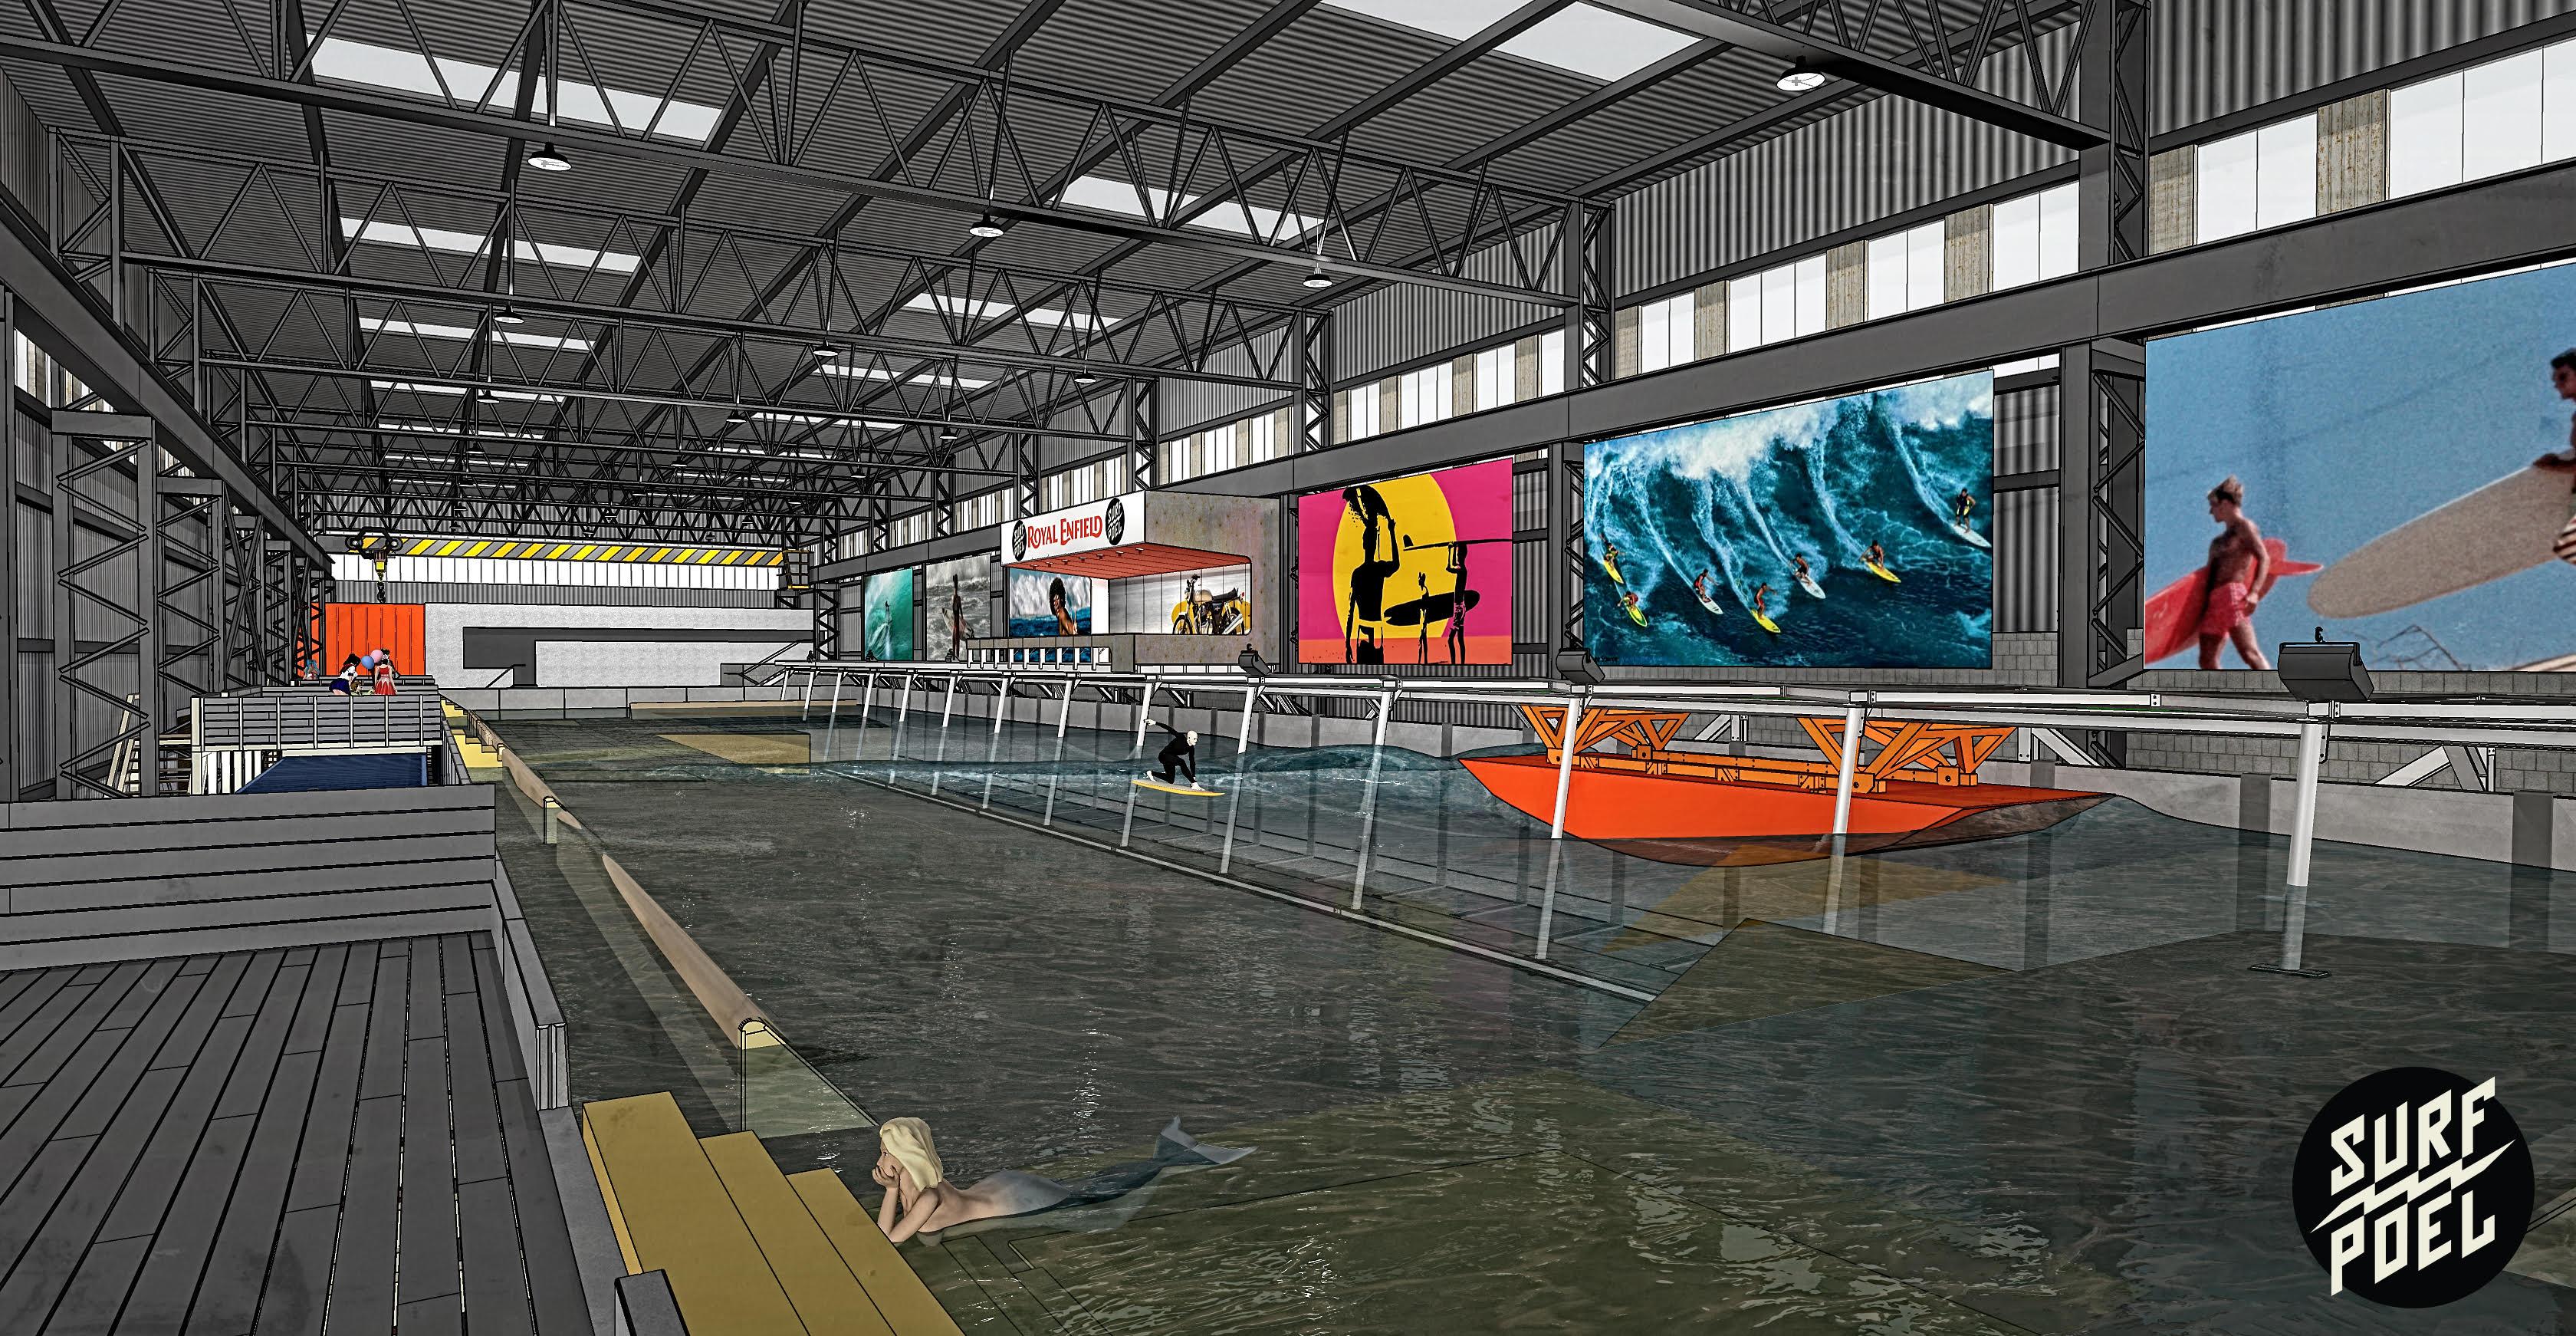 Surfpoel Den Haag